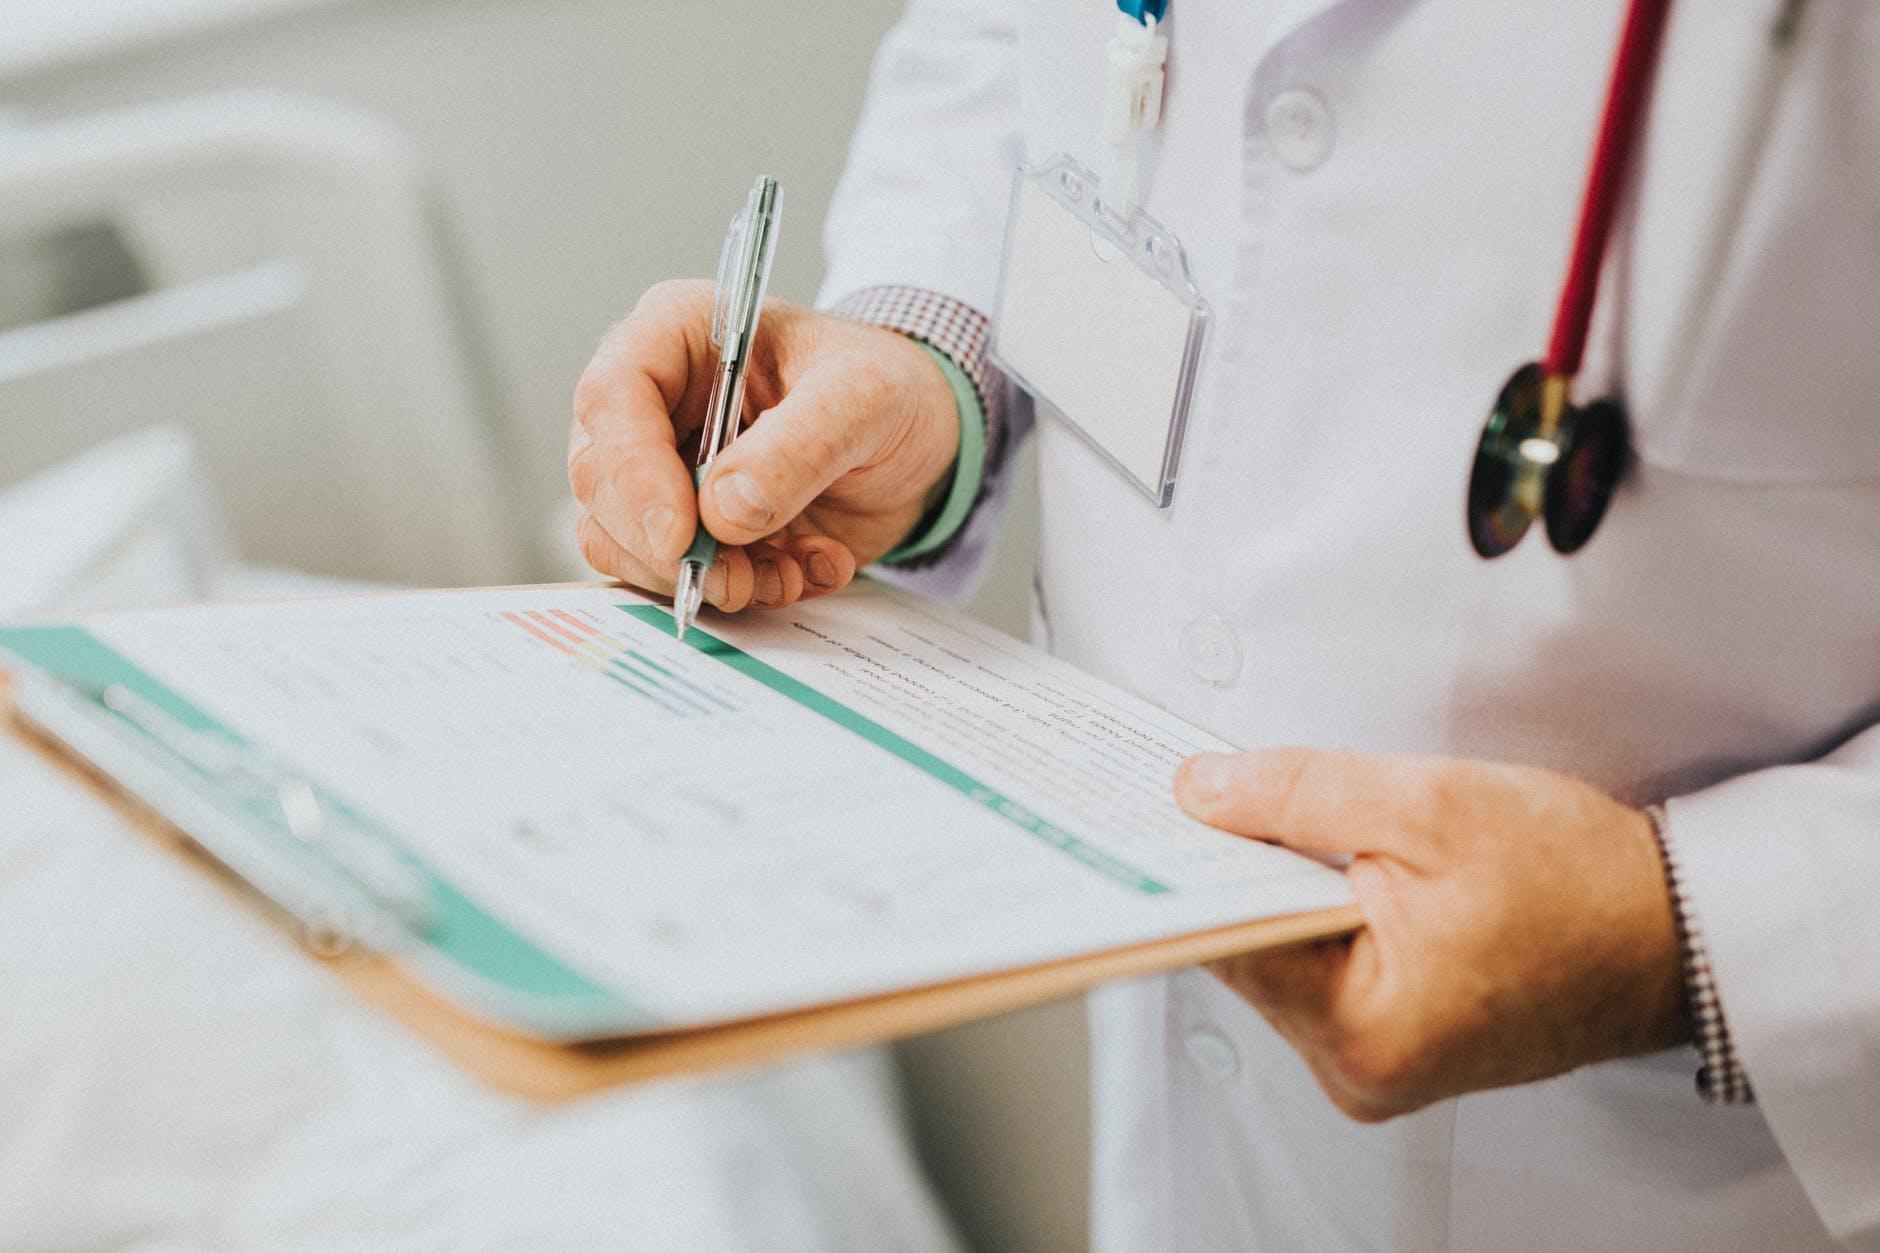 médico indicando tratamento para Ooforite